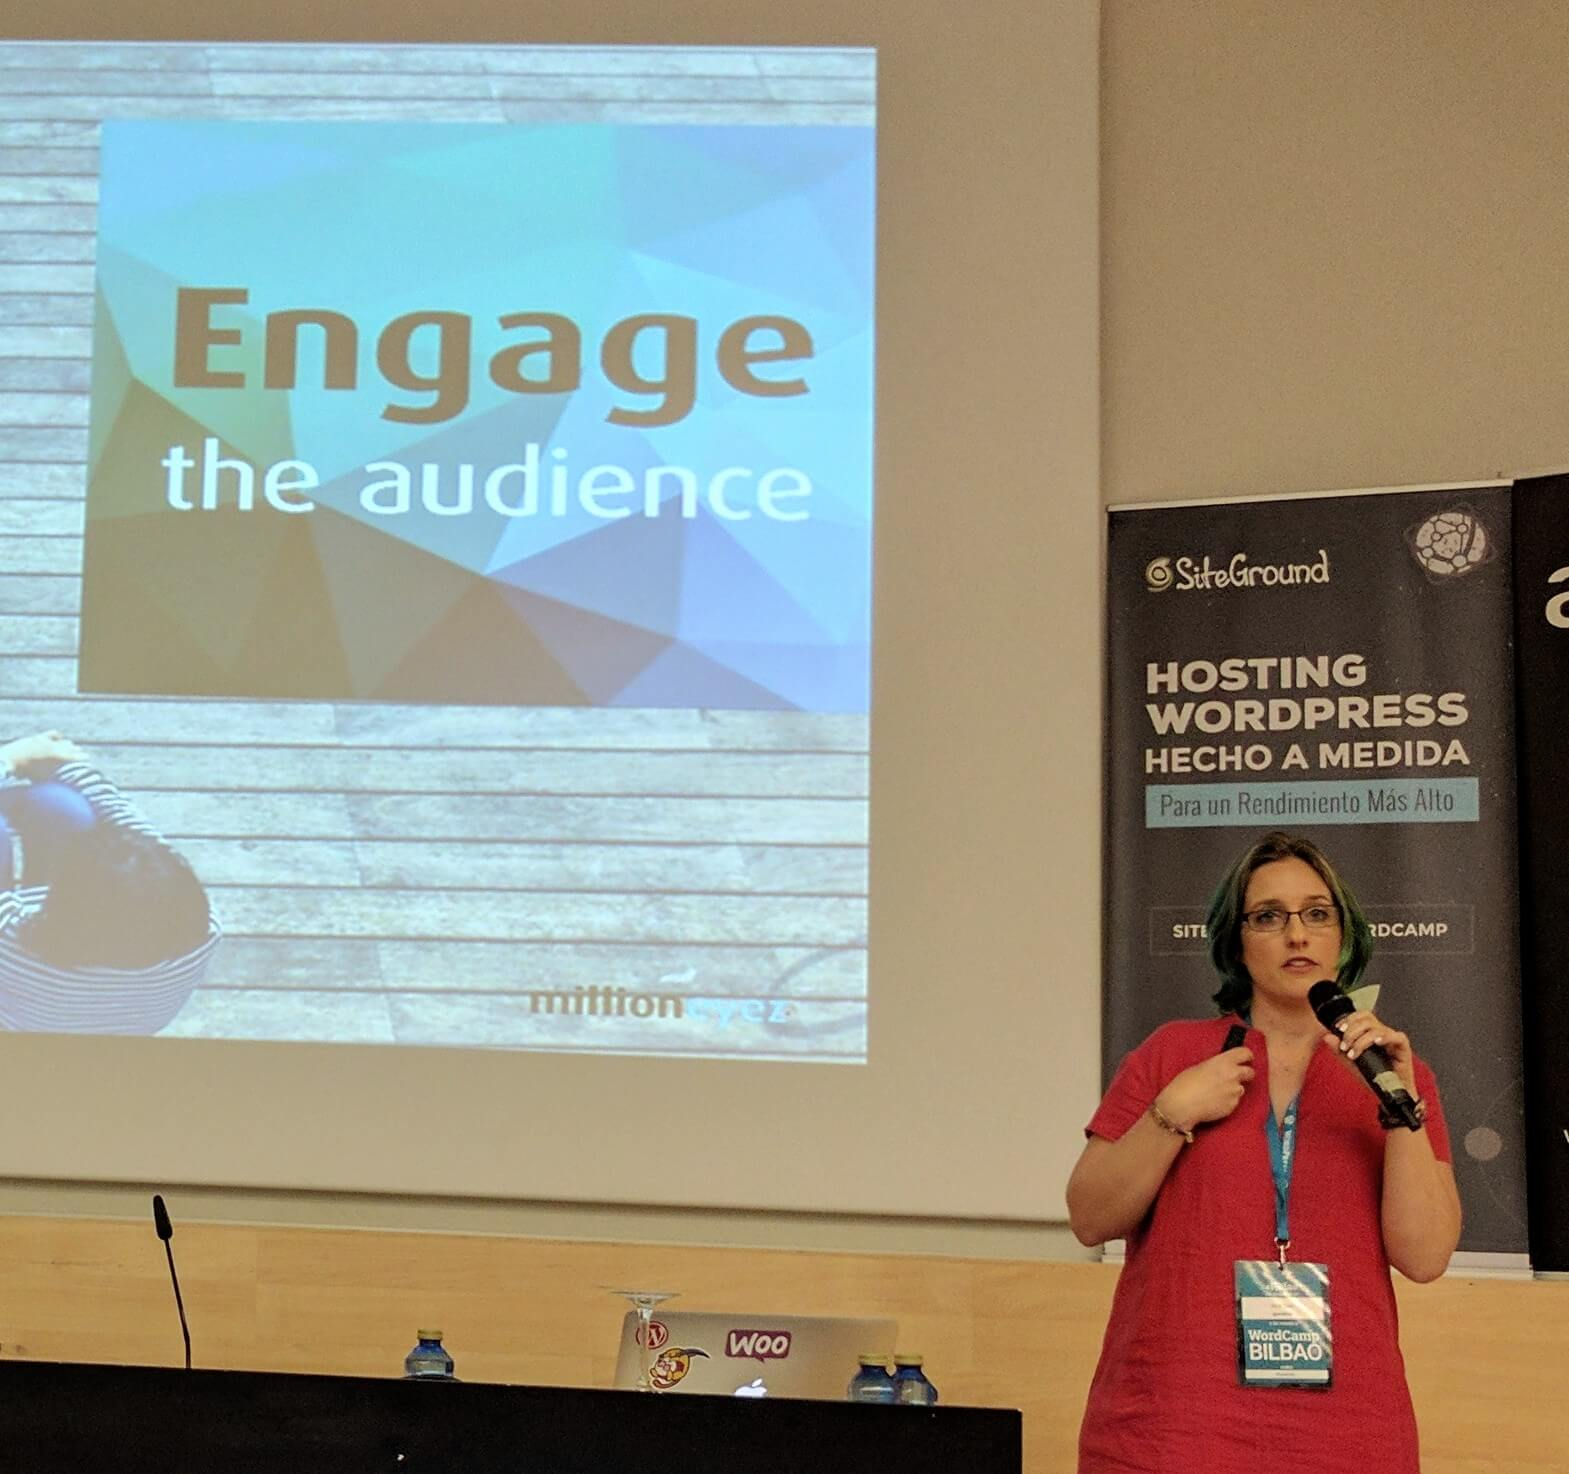 הרצאה על שיווק עסקים באינטרנט